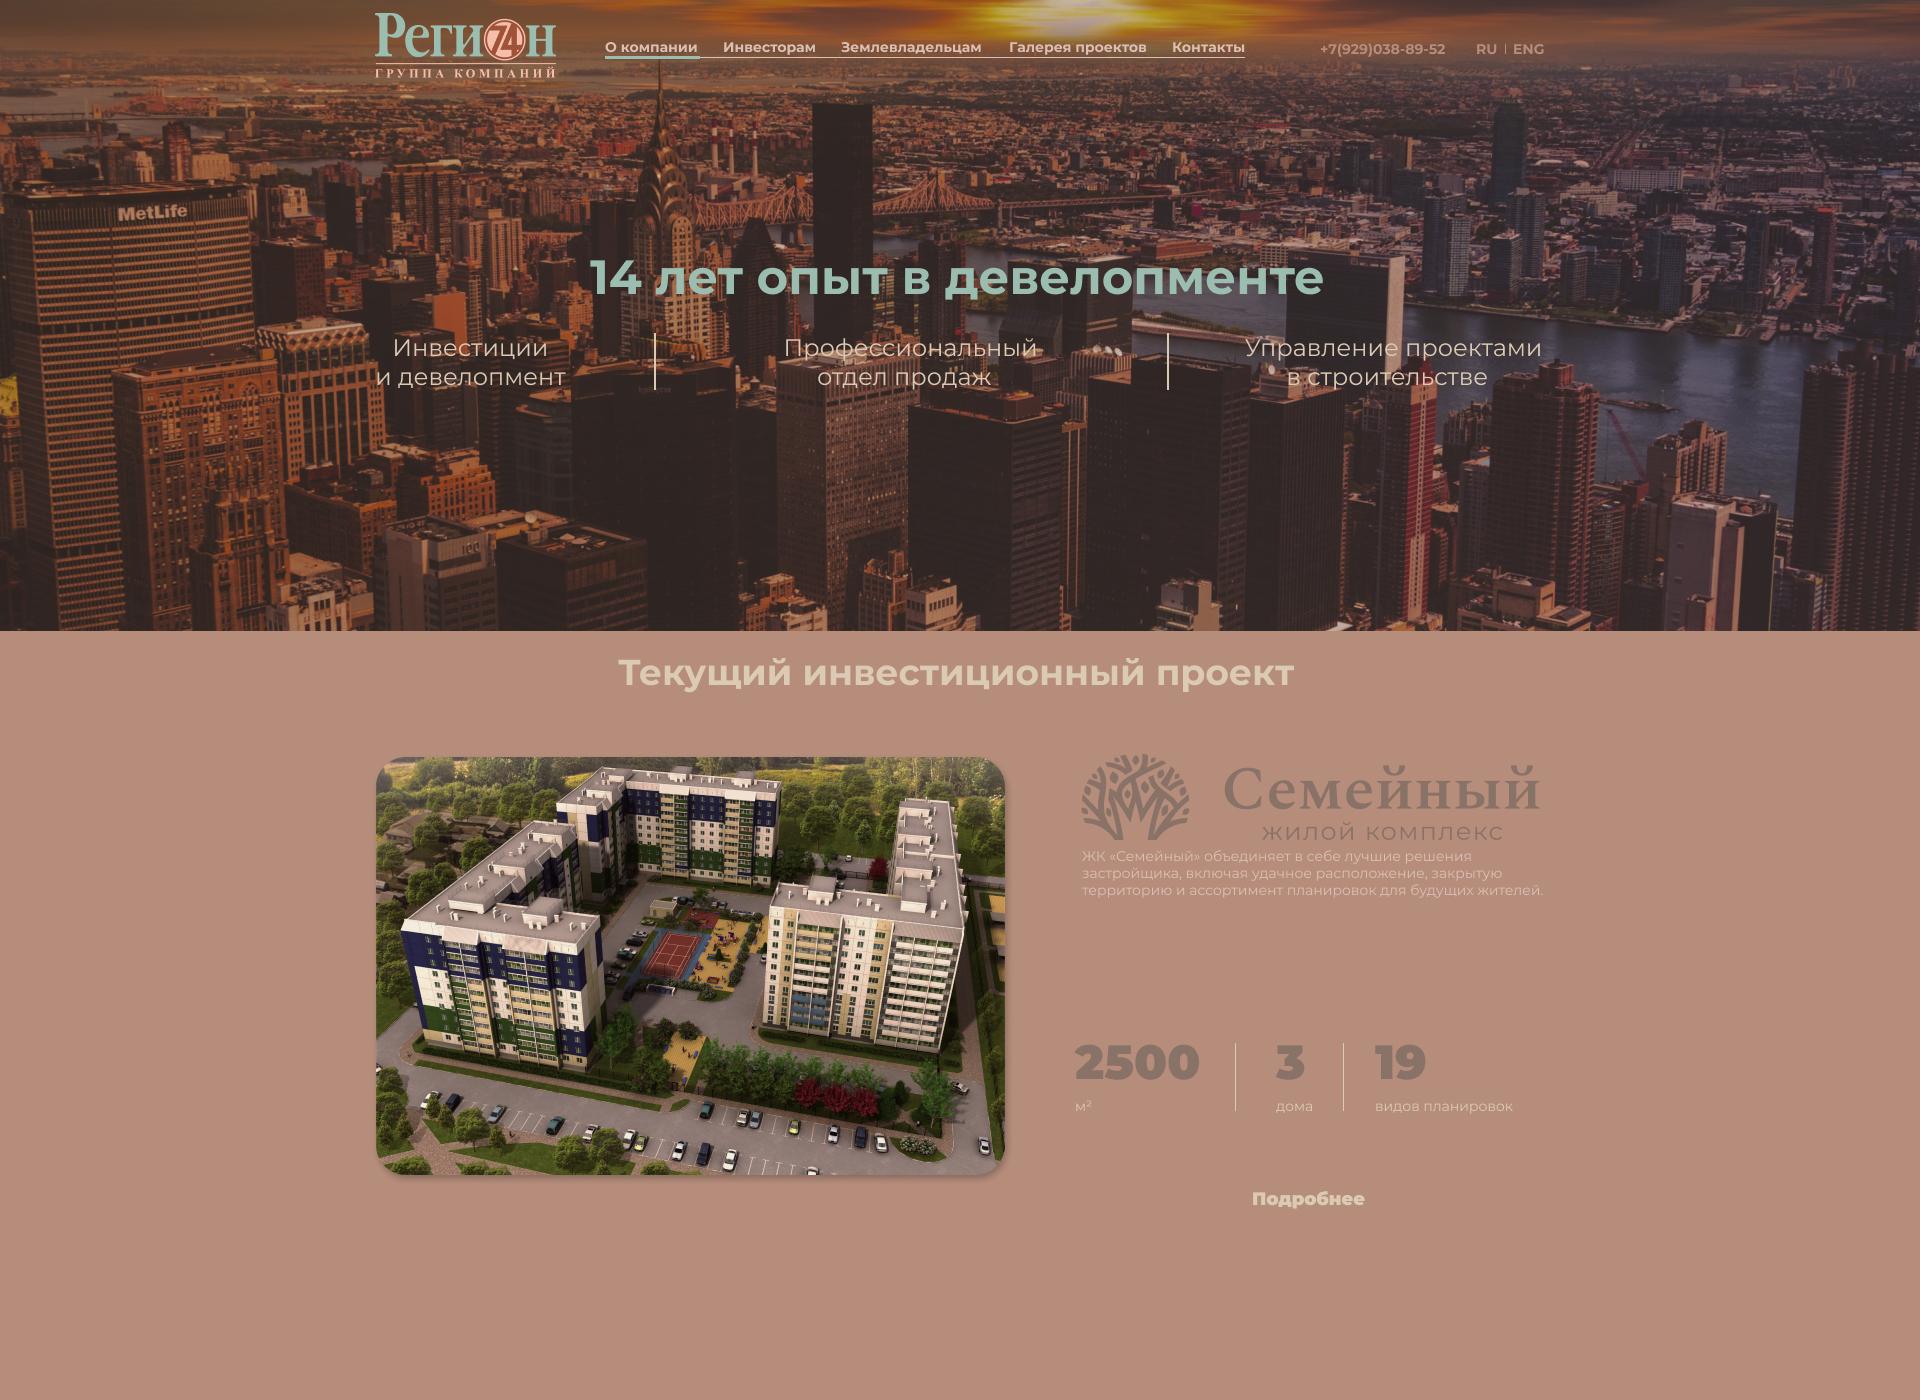 Дизайн двух страниц сайта фото f_6225f2e9029cb7cc.jpg